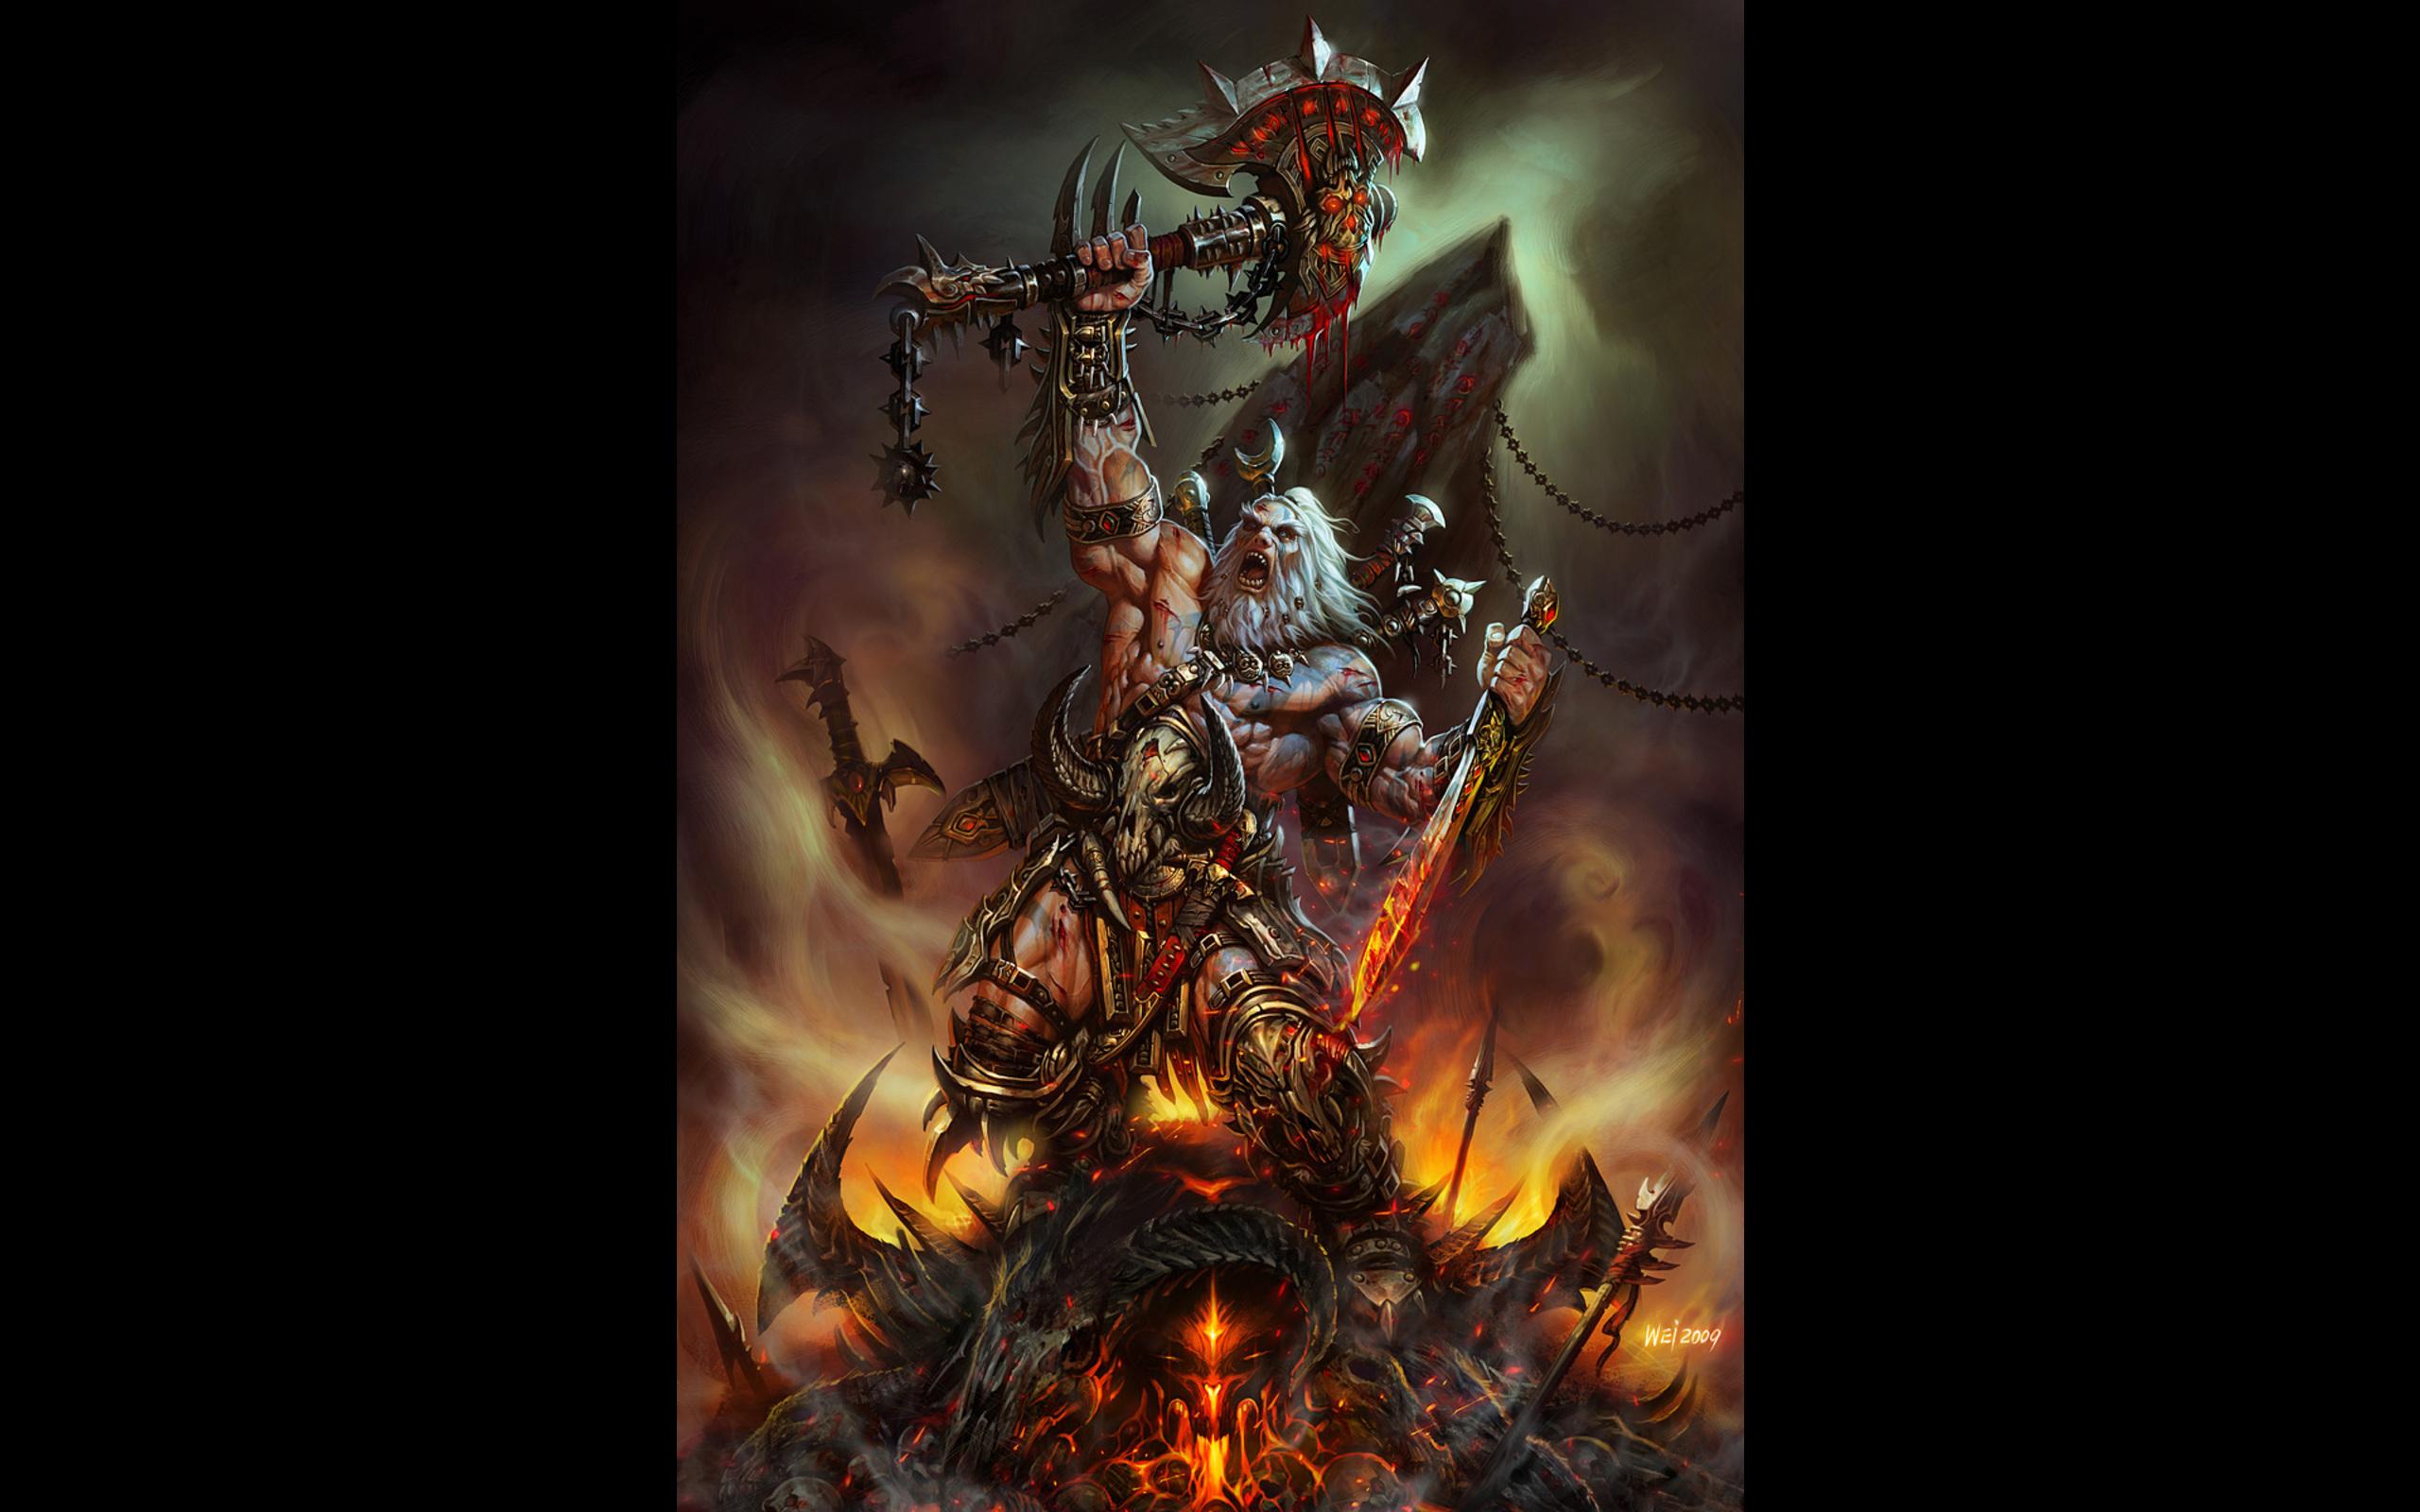 Diablo 3 Barbarian Wallpaper image gallery 2560x1600